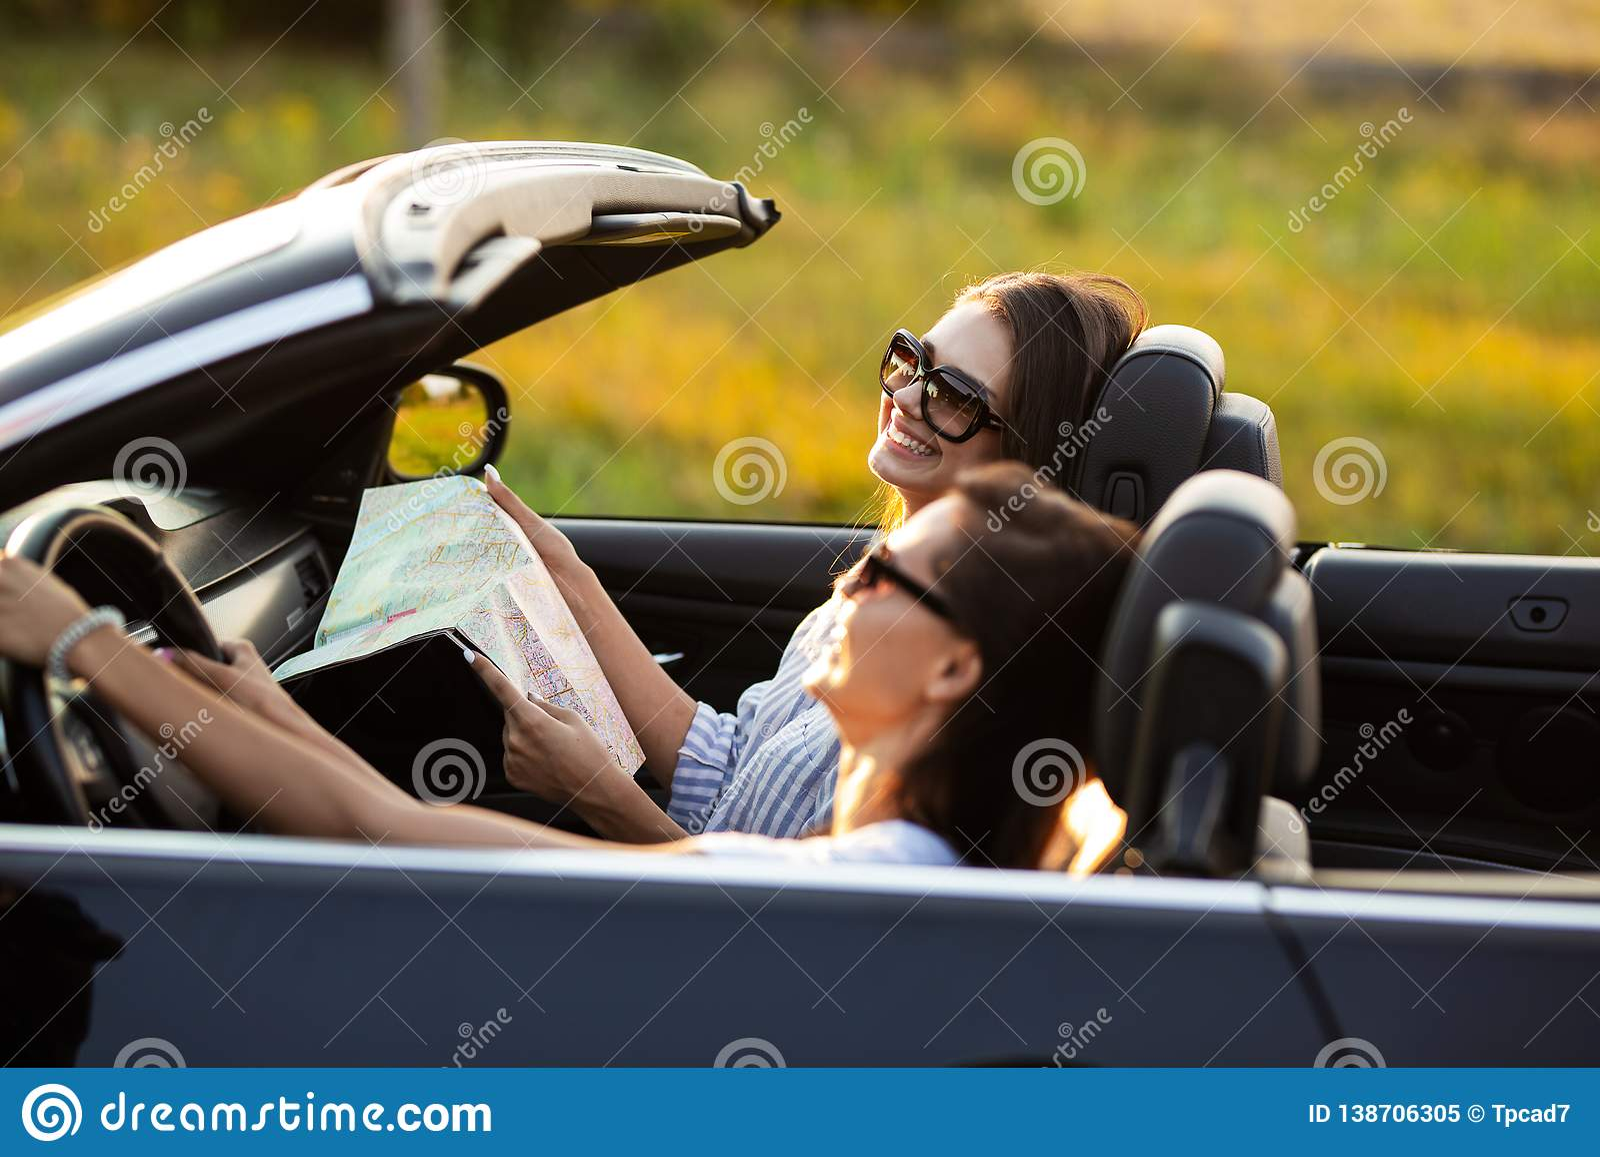 Dwa pięknej młodej kobiety w okularach przeciwsłonecznych są siedzący w czarnym kabriolecie i ono uśmiecha się na słonecznym dniu